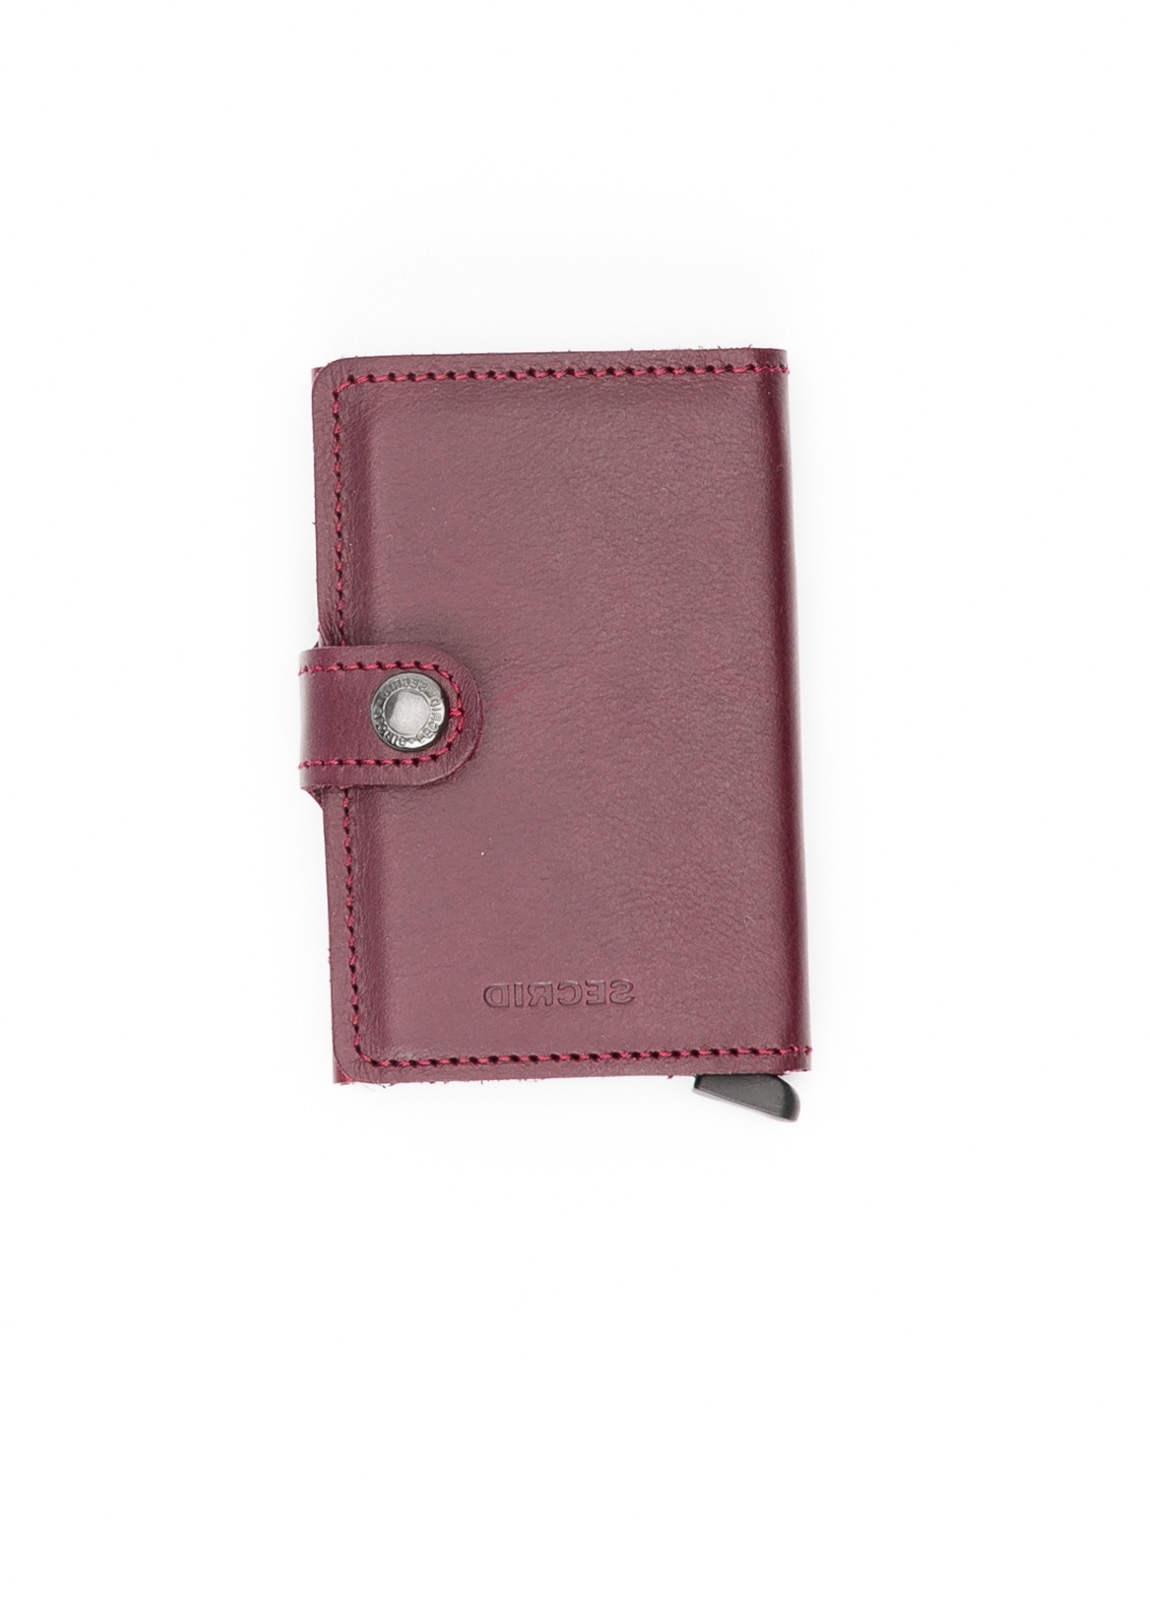 Secrid slim wallet piel color burdeos, con cardprotector de aluminio ultrafino.